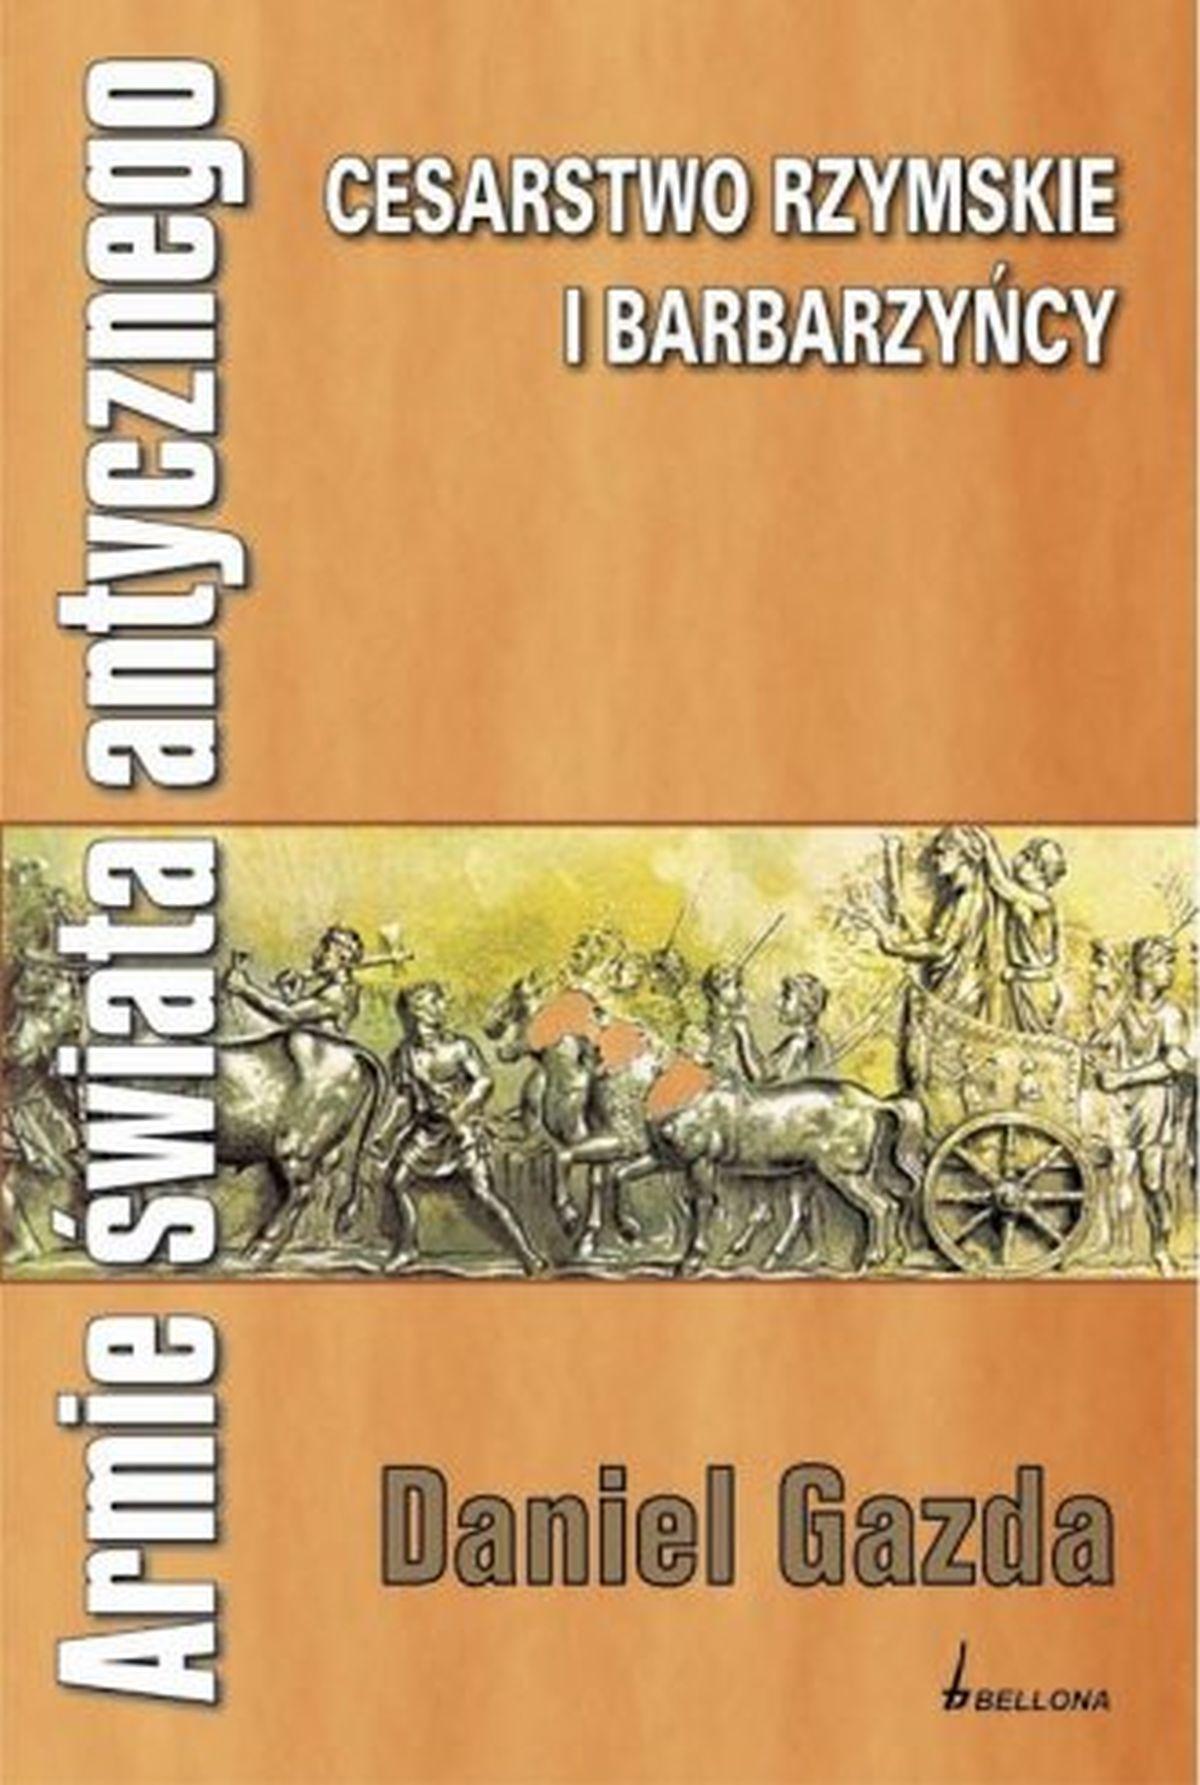 Cesarstwo rzymskie i barbarzyńcy, Daniel Gazda